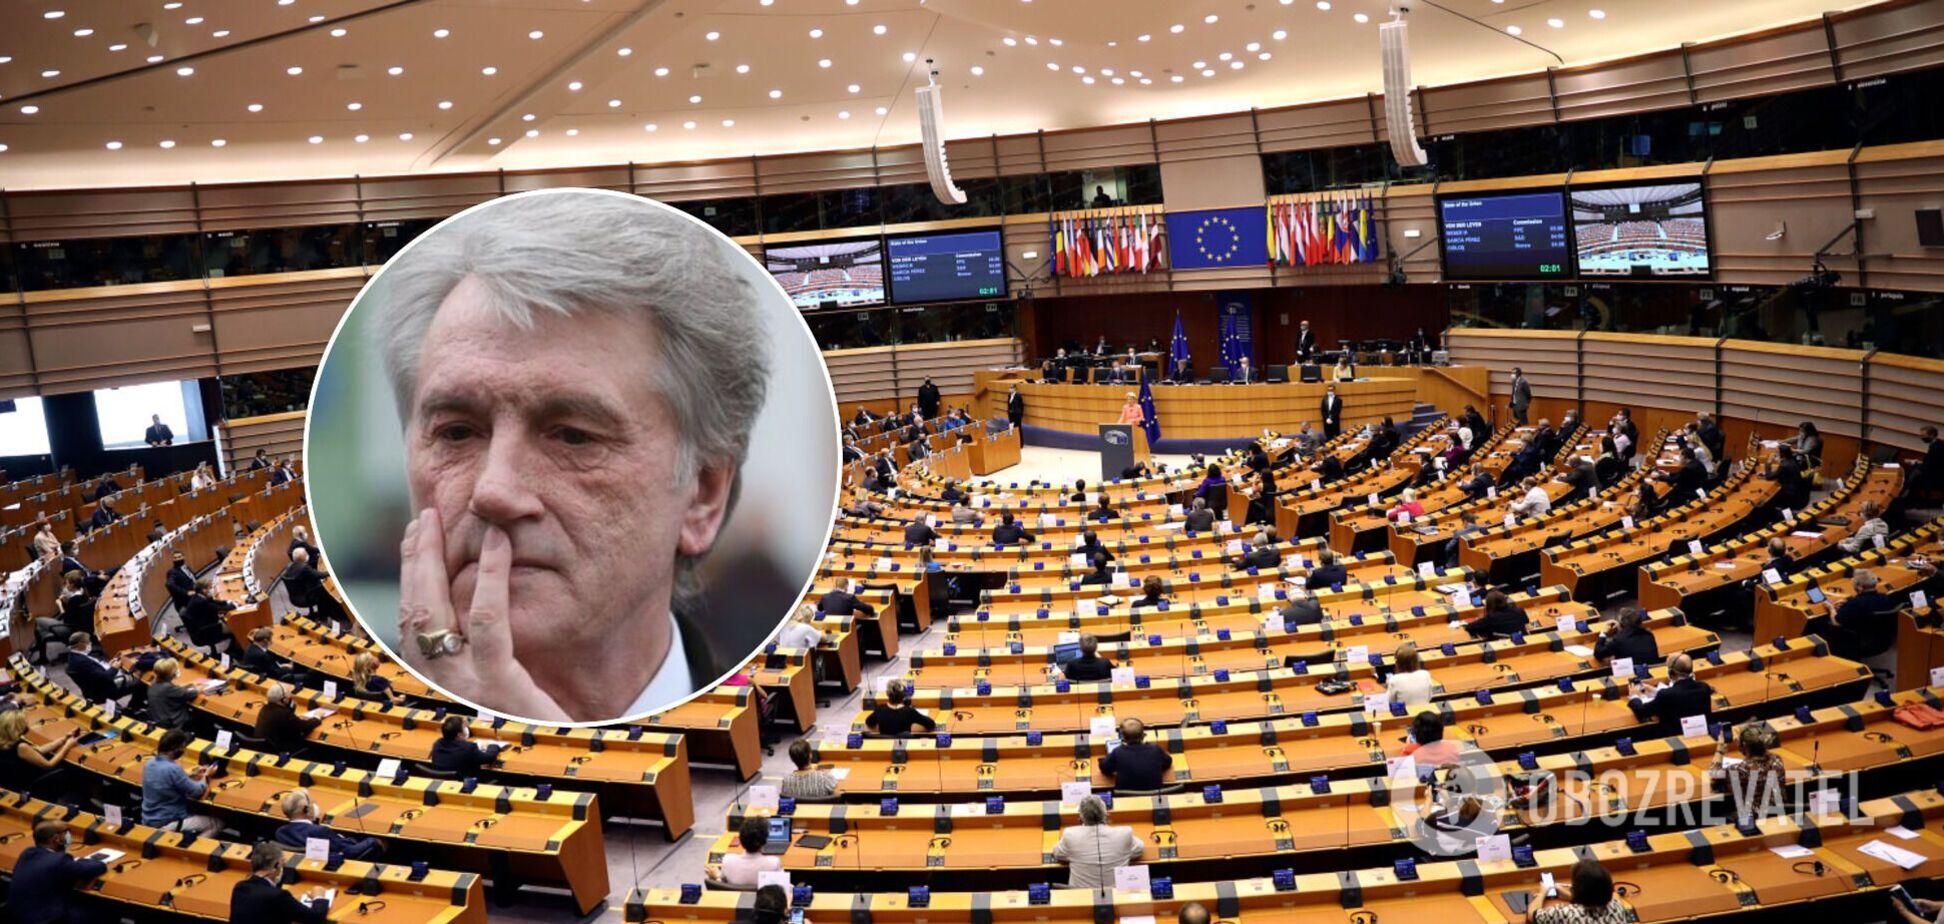 Европарламент признал, что Ющенко отравили россияне: депутат пояснил нюансы